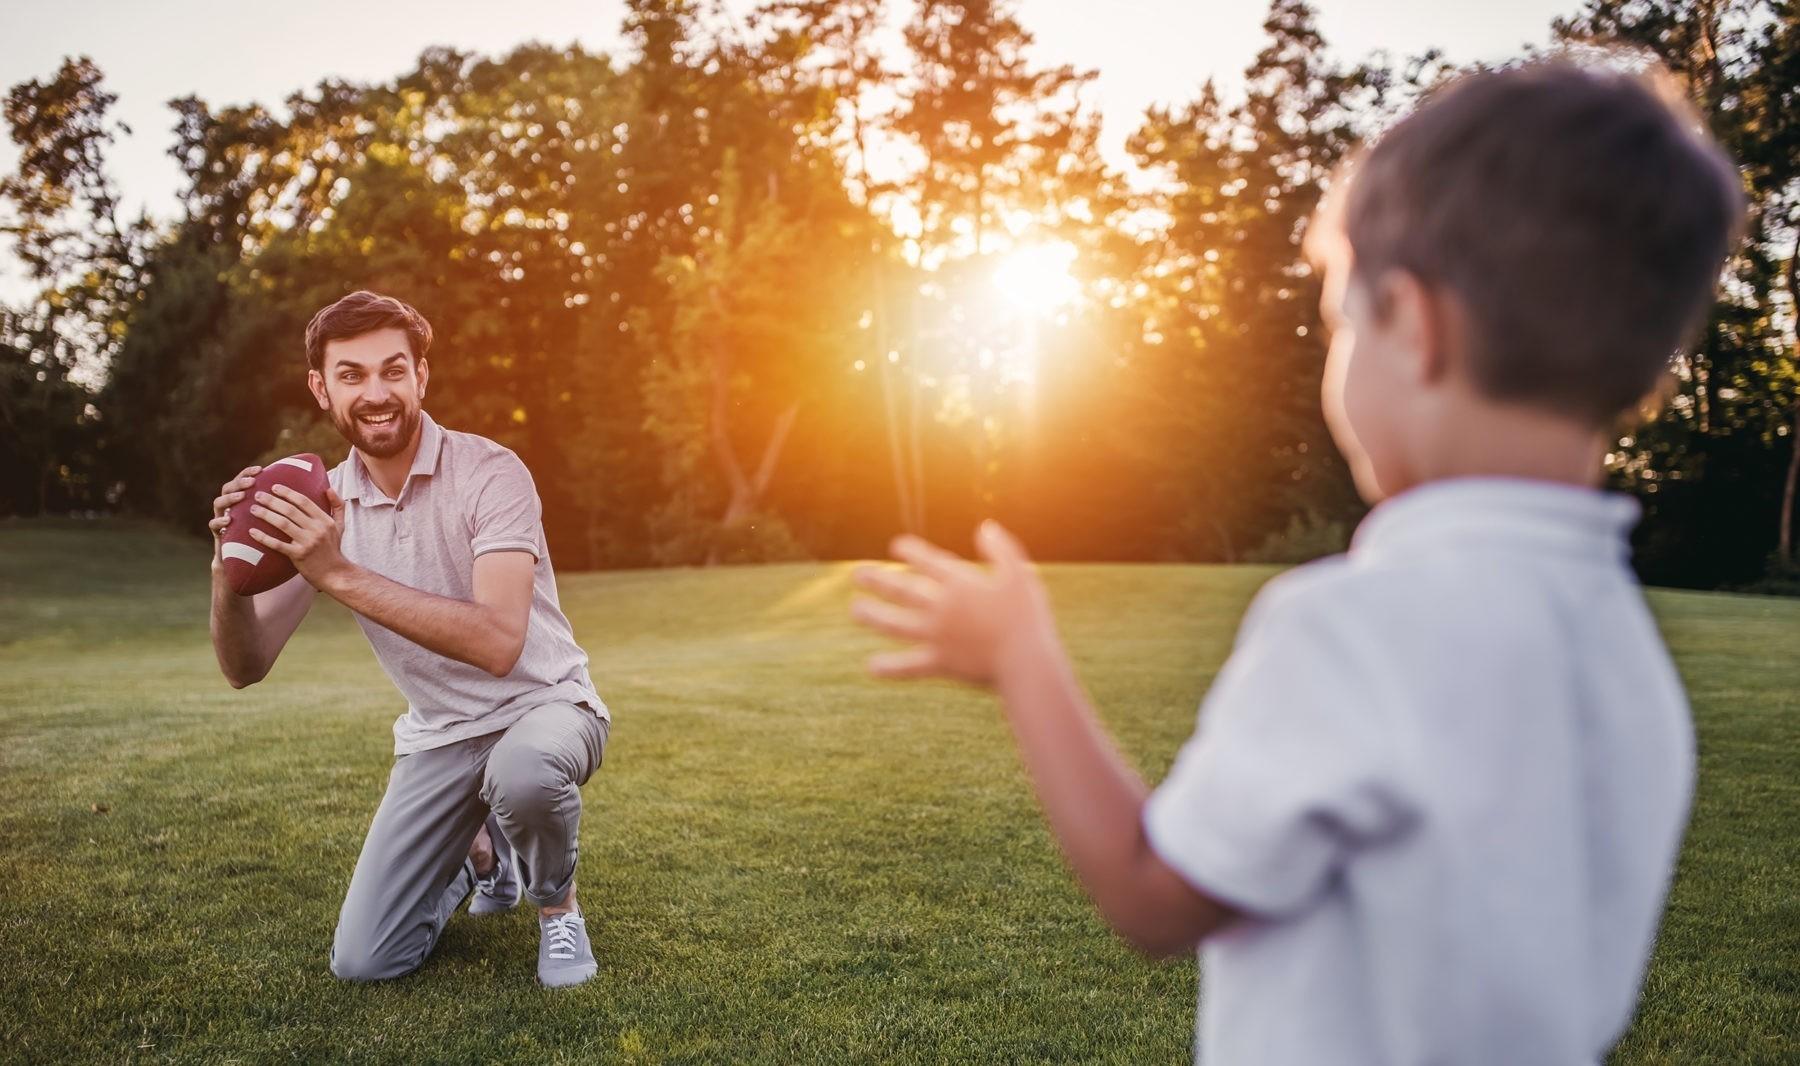 Bild zum Beitrag 'Ab nach draußen – Spielideen für Kinder'